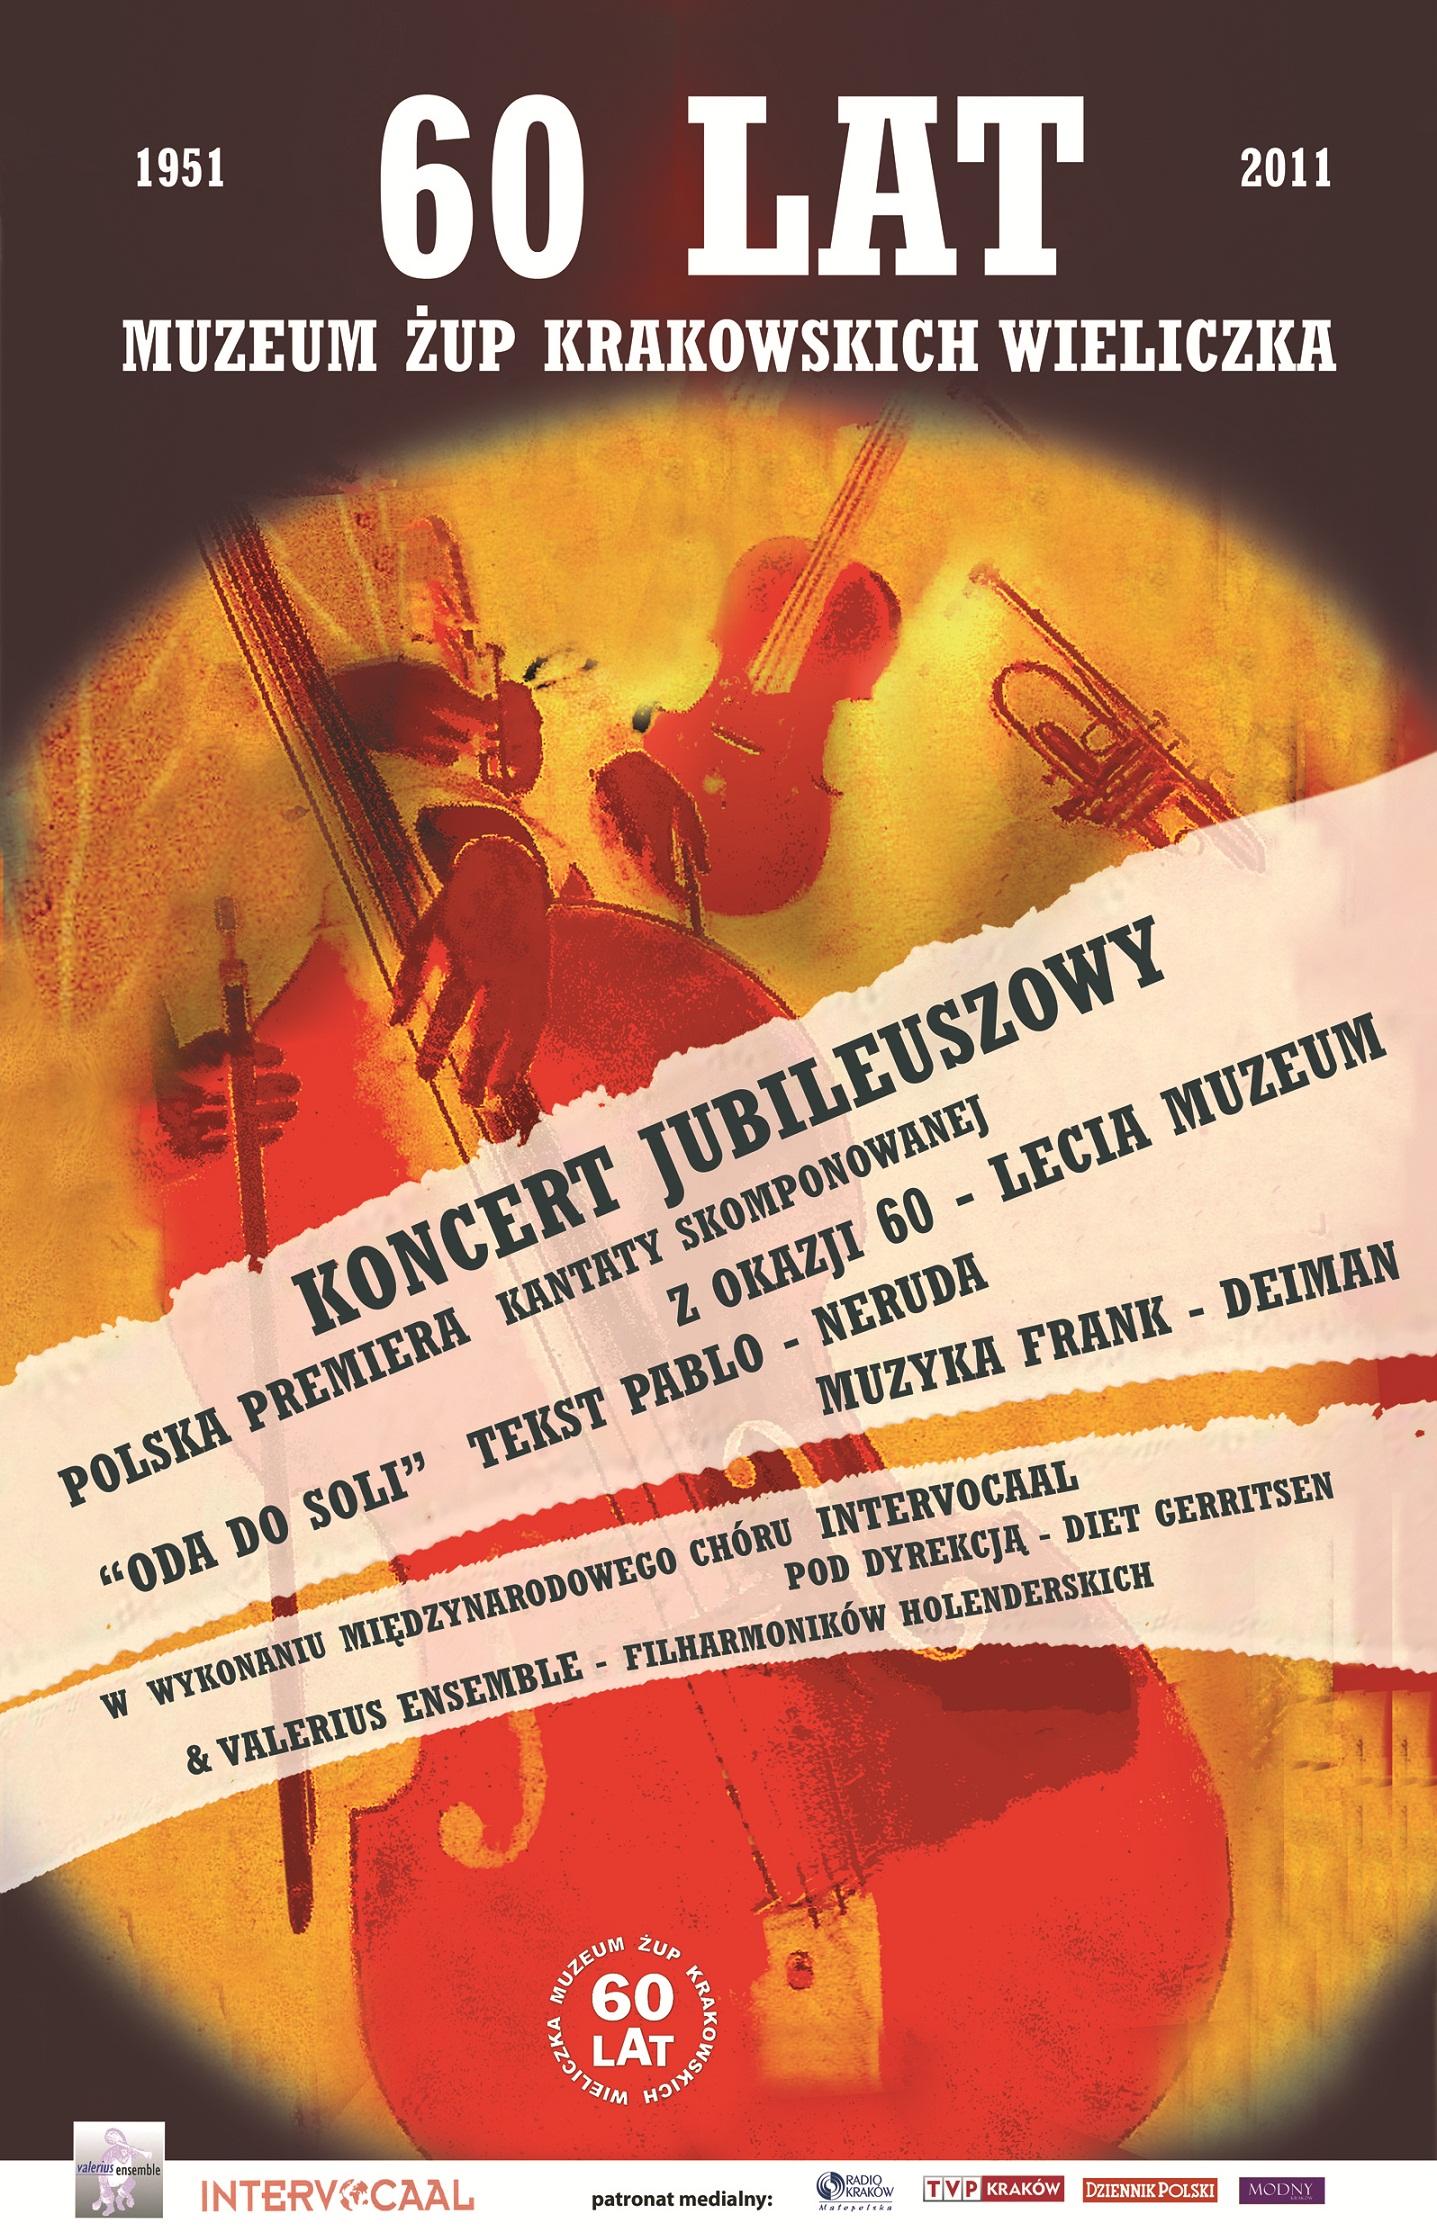 Muzeum Żup Krakowskich Wieliczka - Koncert Jubileuszowy